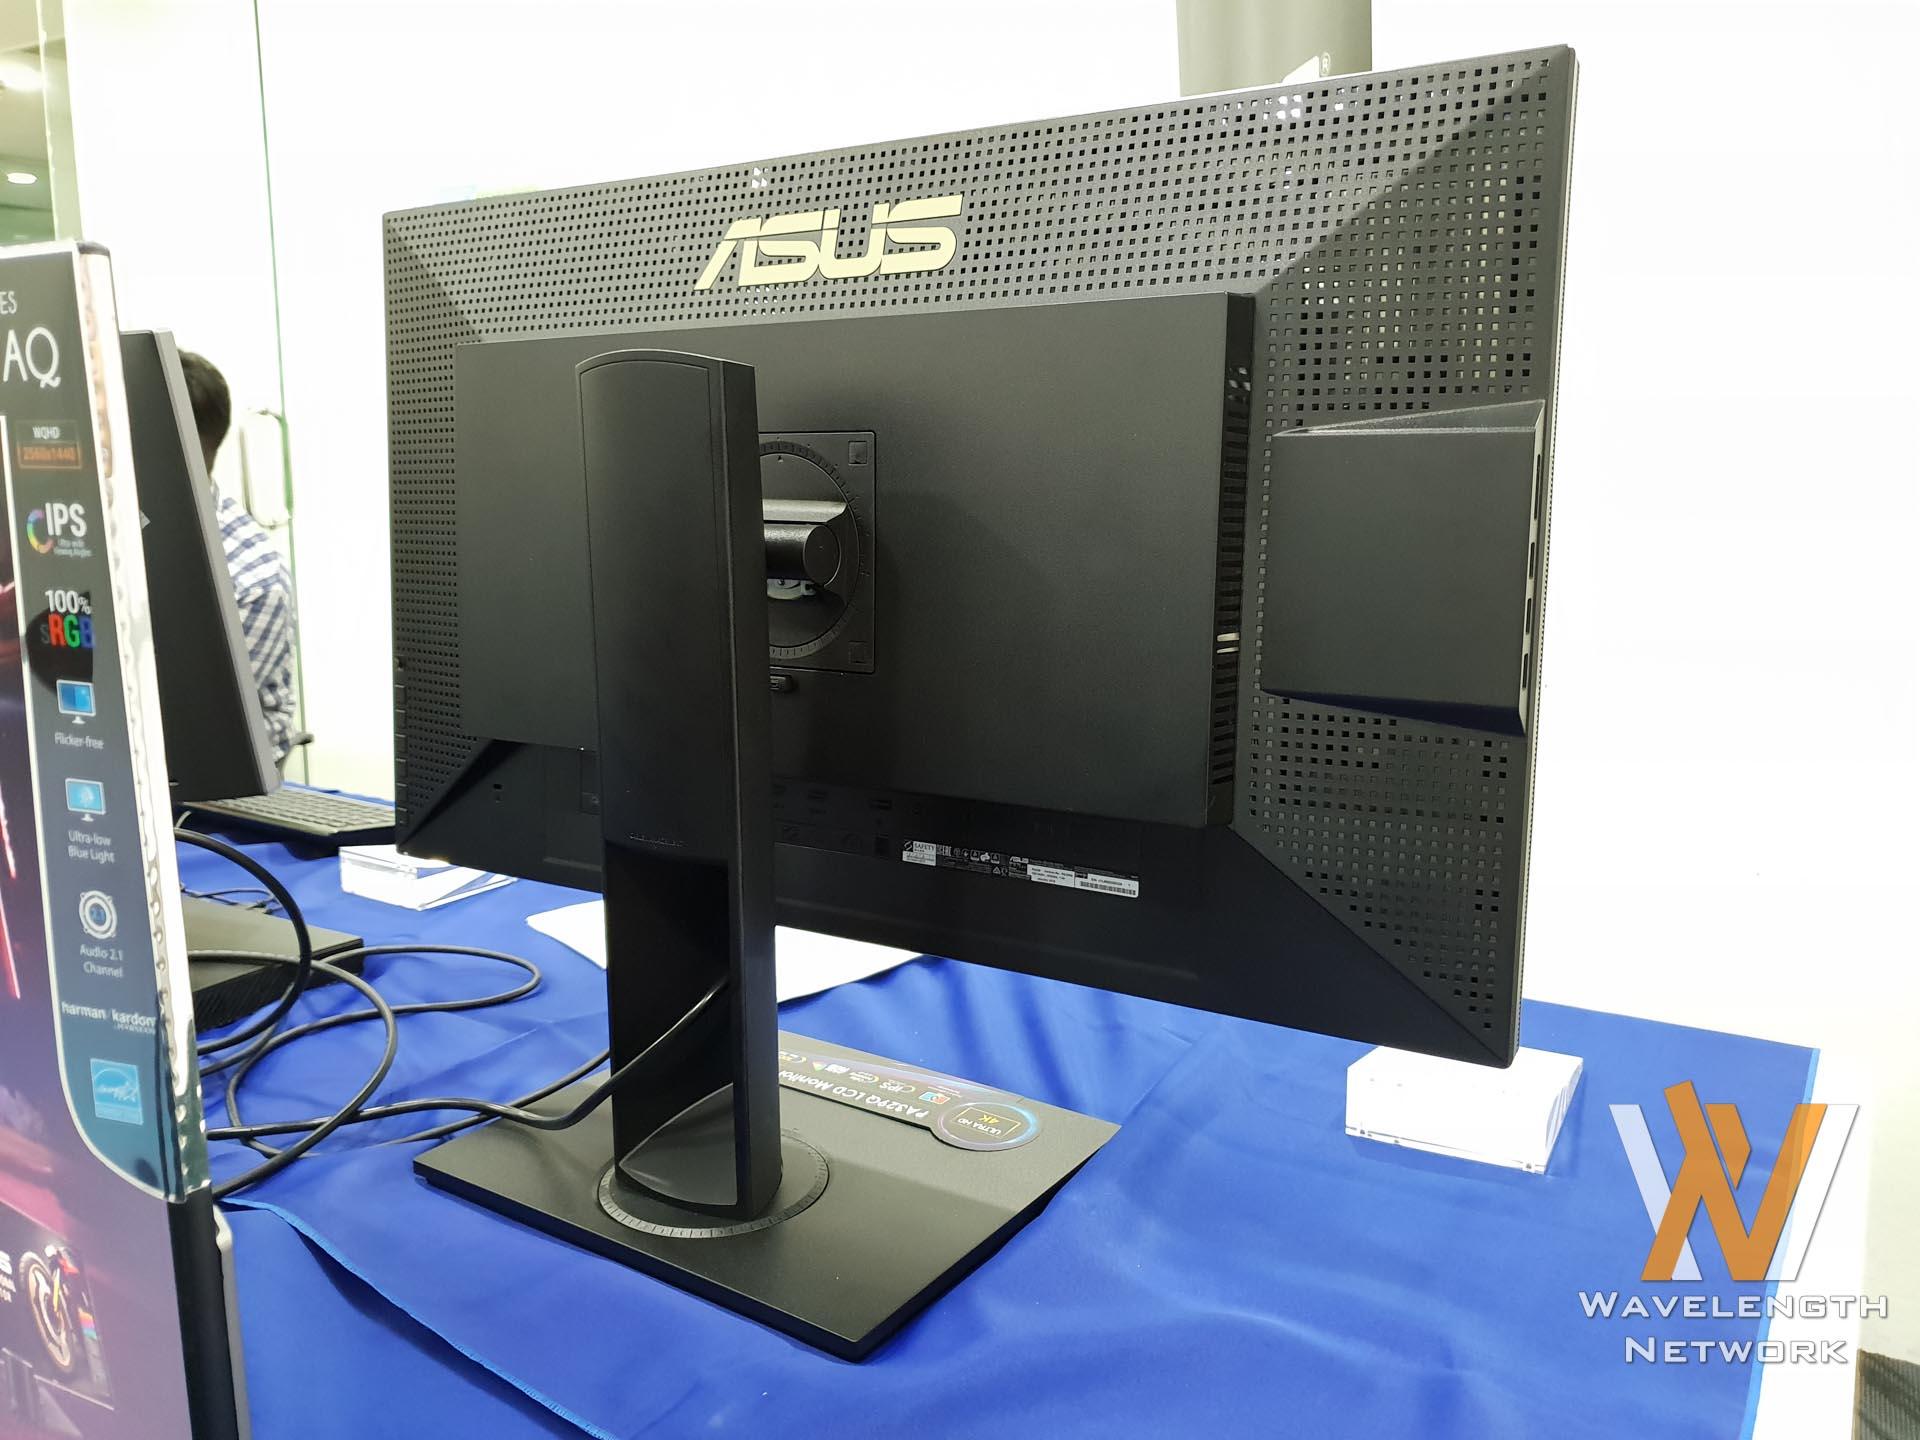 Asus Showcases Latest Monitors Shows New Proart Pa329q 4k 144hz Monitor Vc239h Eye Care Frameless 23 Full Hd Ips Speaker Tuv